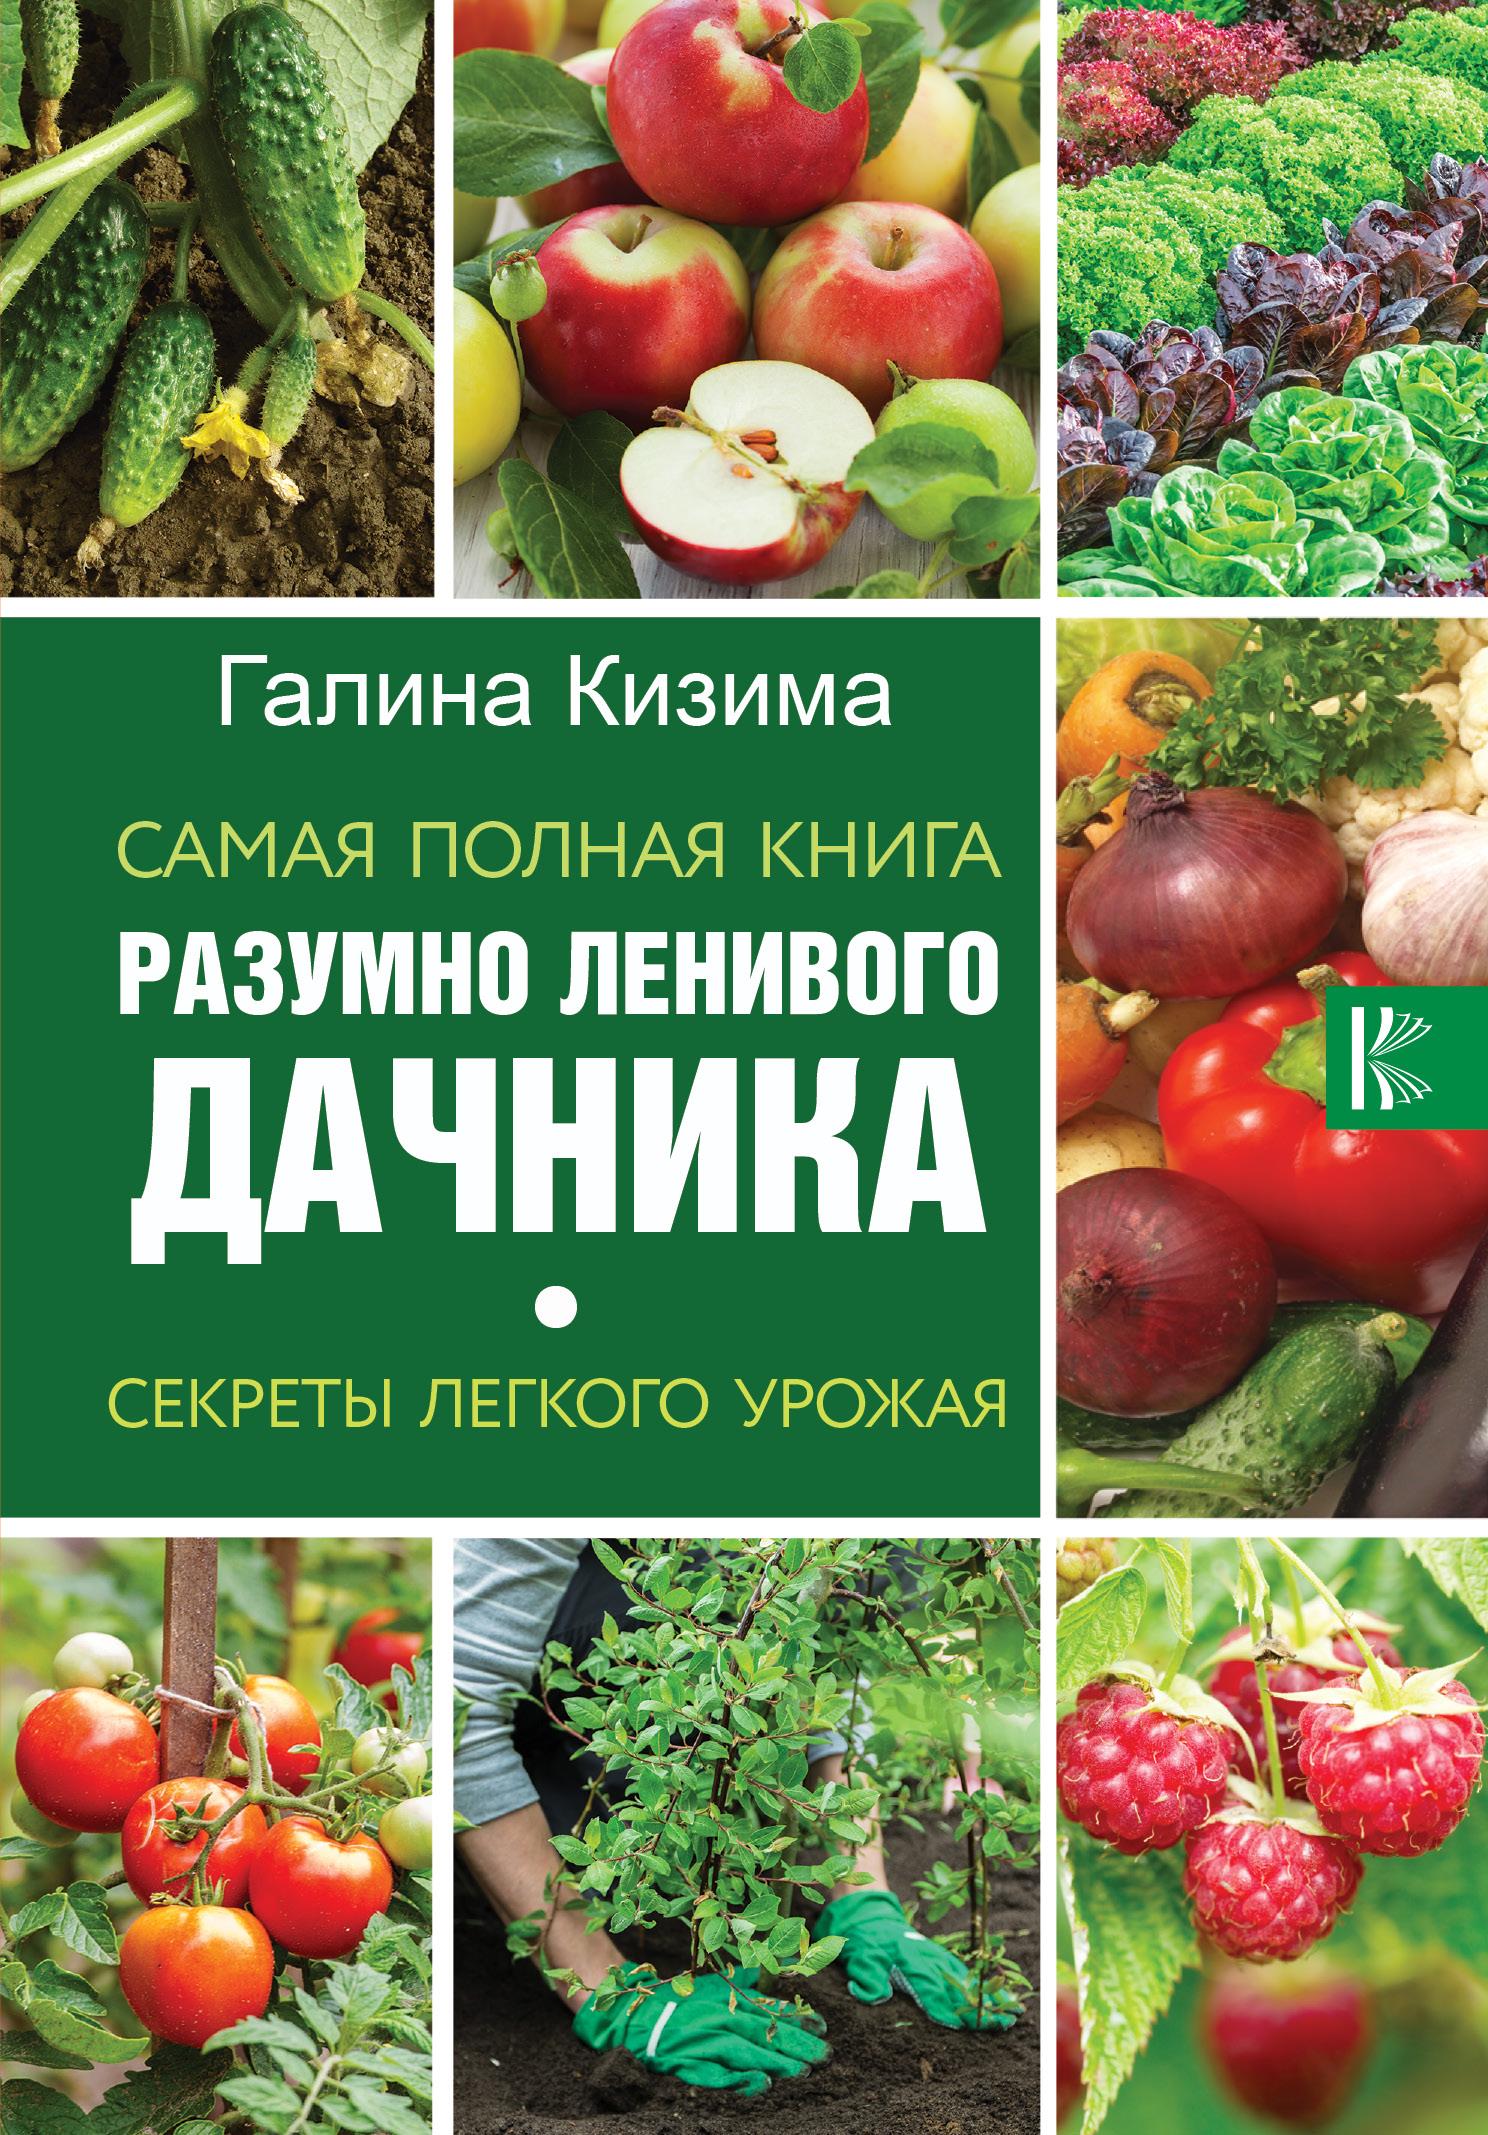 Галина Кизима Самая полная книга разумно ленивого дачника. Секреты легкого урожая